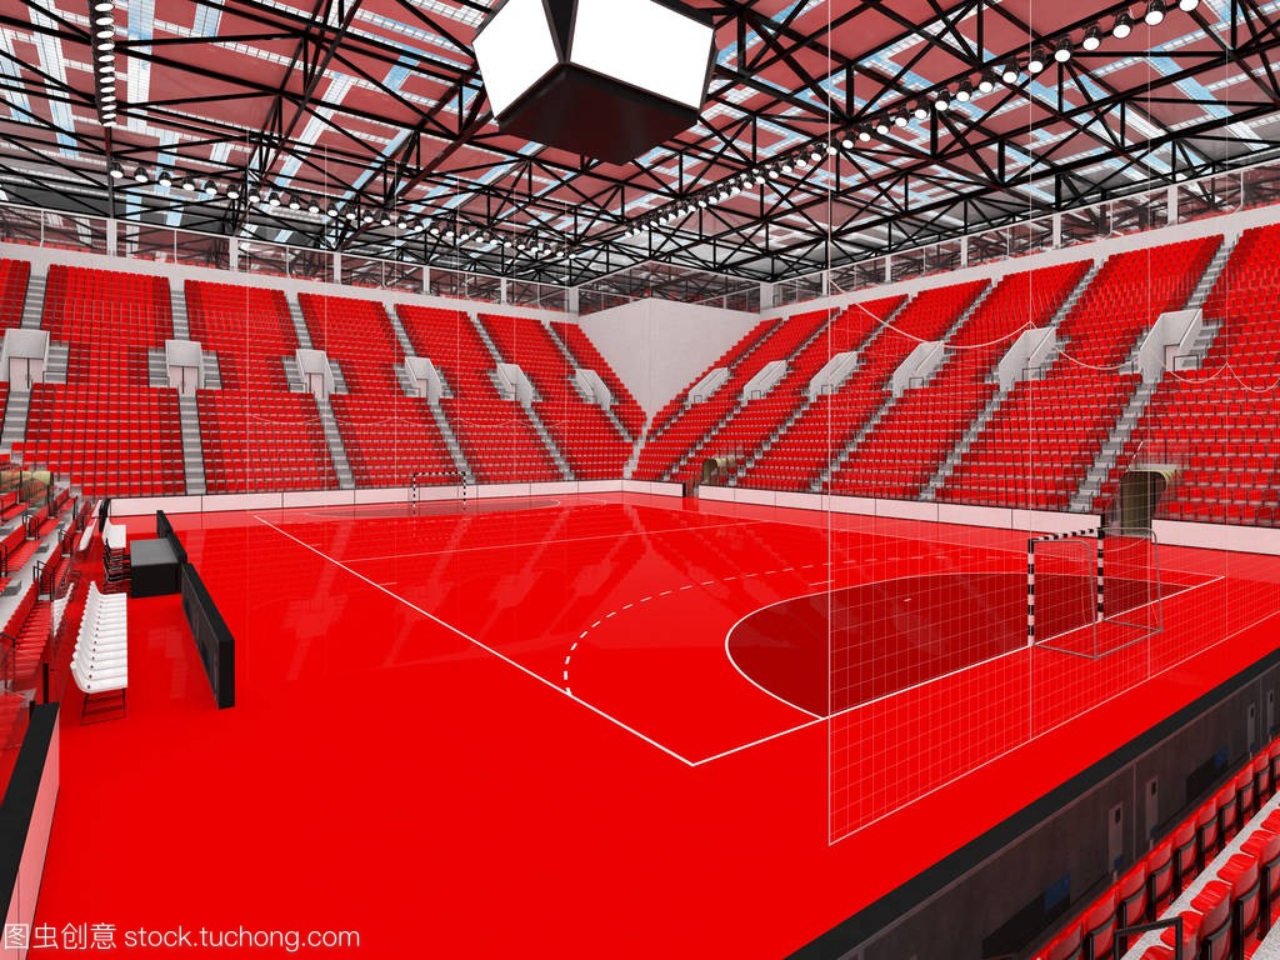 现代手球竞技场体育与台球的红色和1万球迷柳州座椅图片